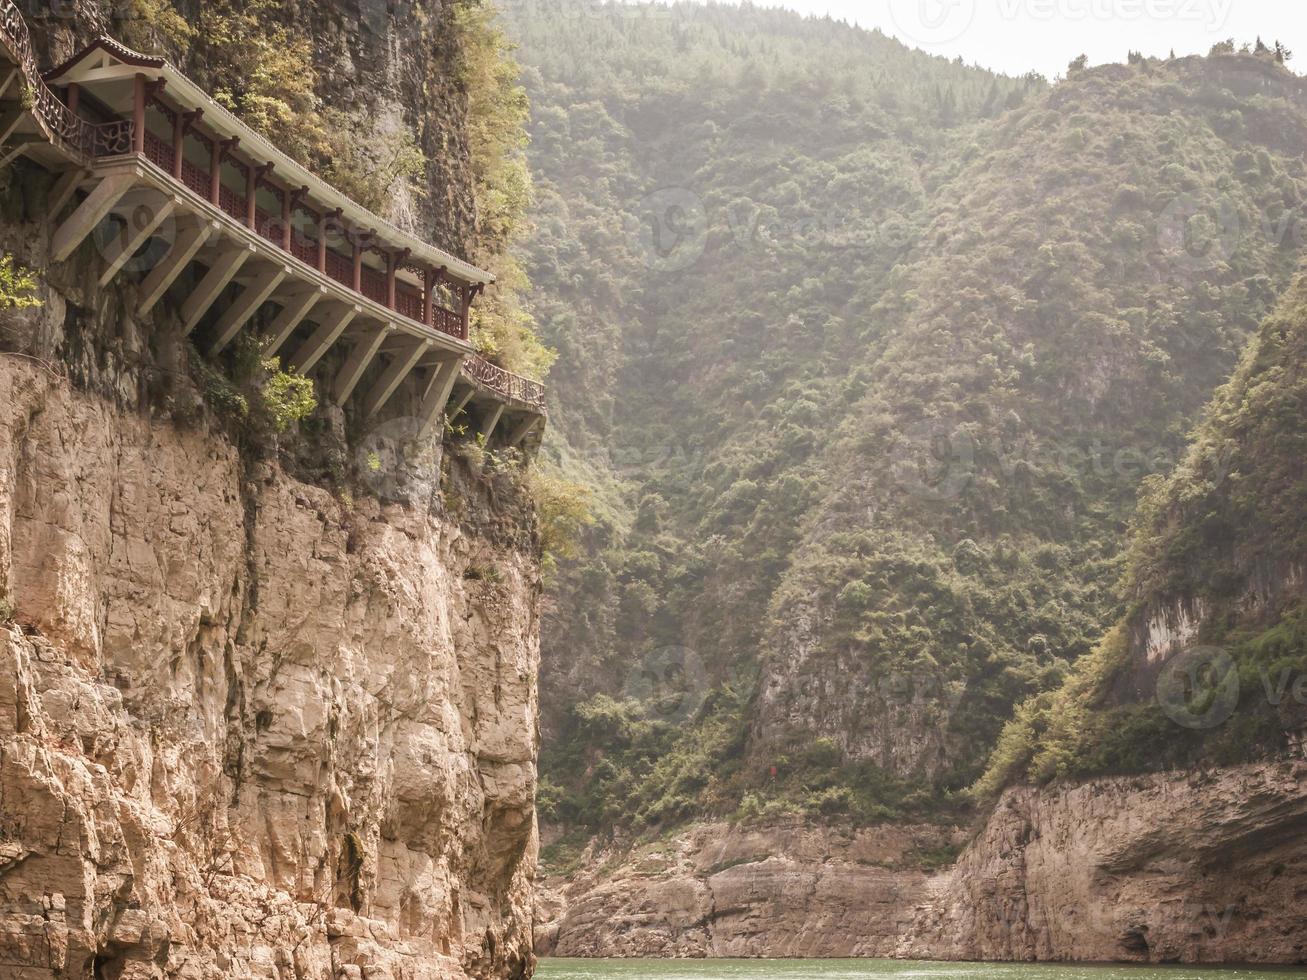 yangzi rivier foto